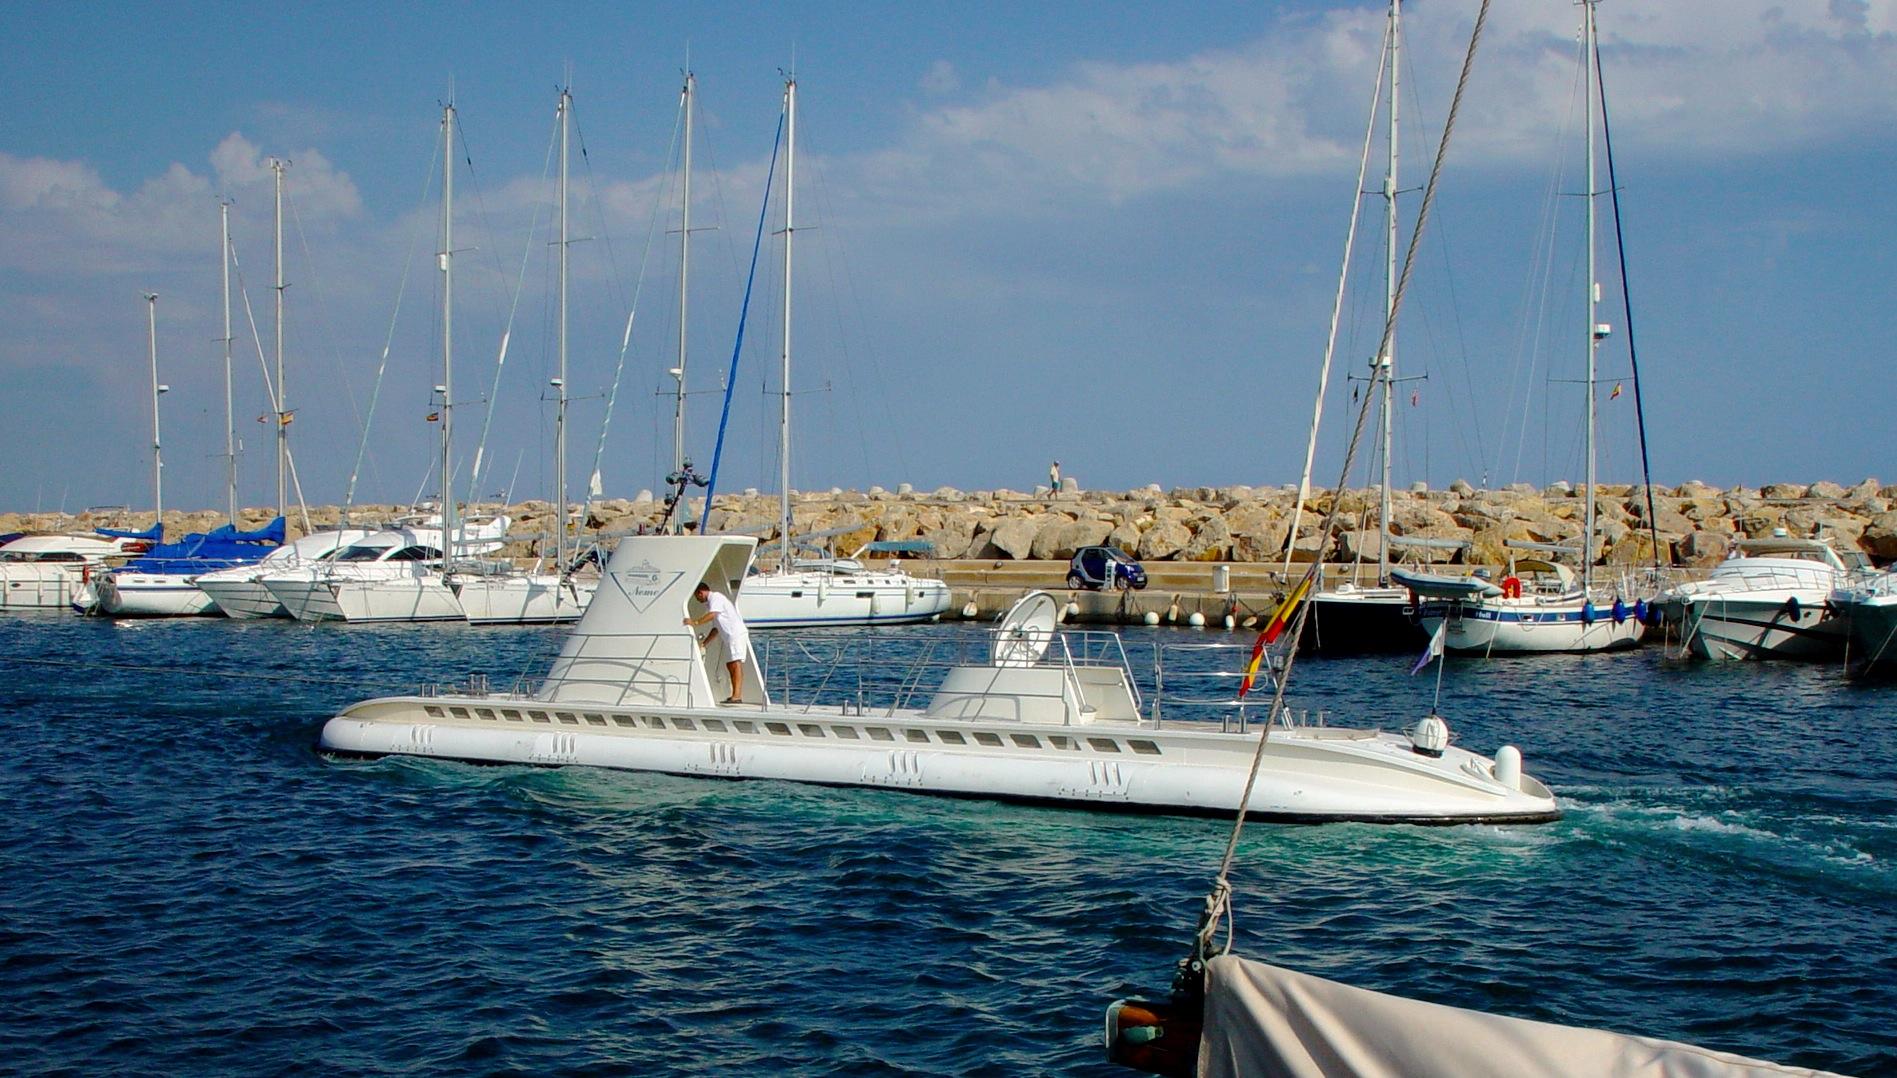 Touristen-U-Boot Nemo beim Einlaufen in den Hafen von Portals Nous auf der Baleareninsel Mallorca